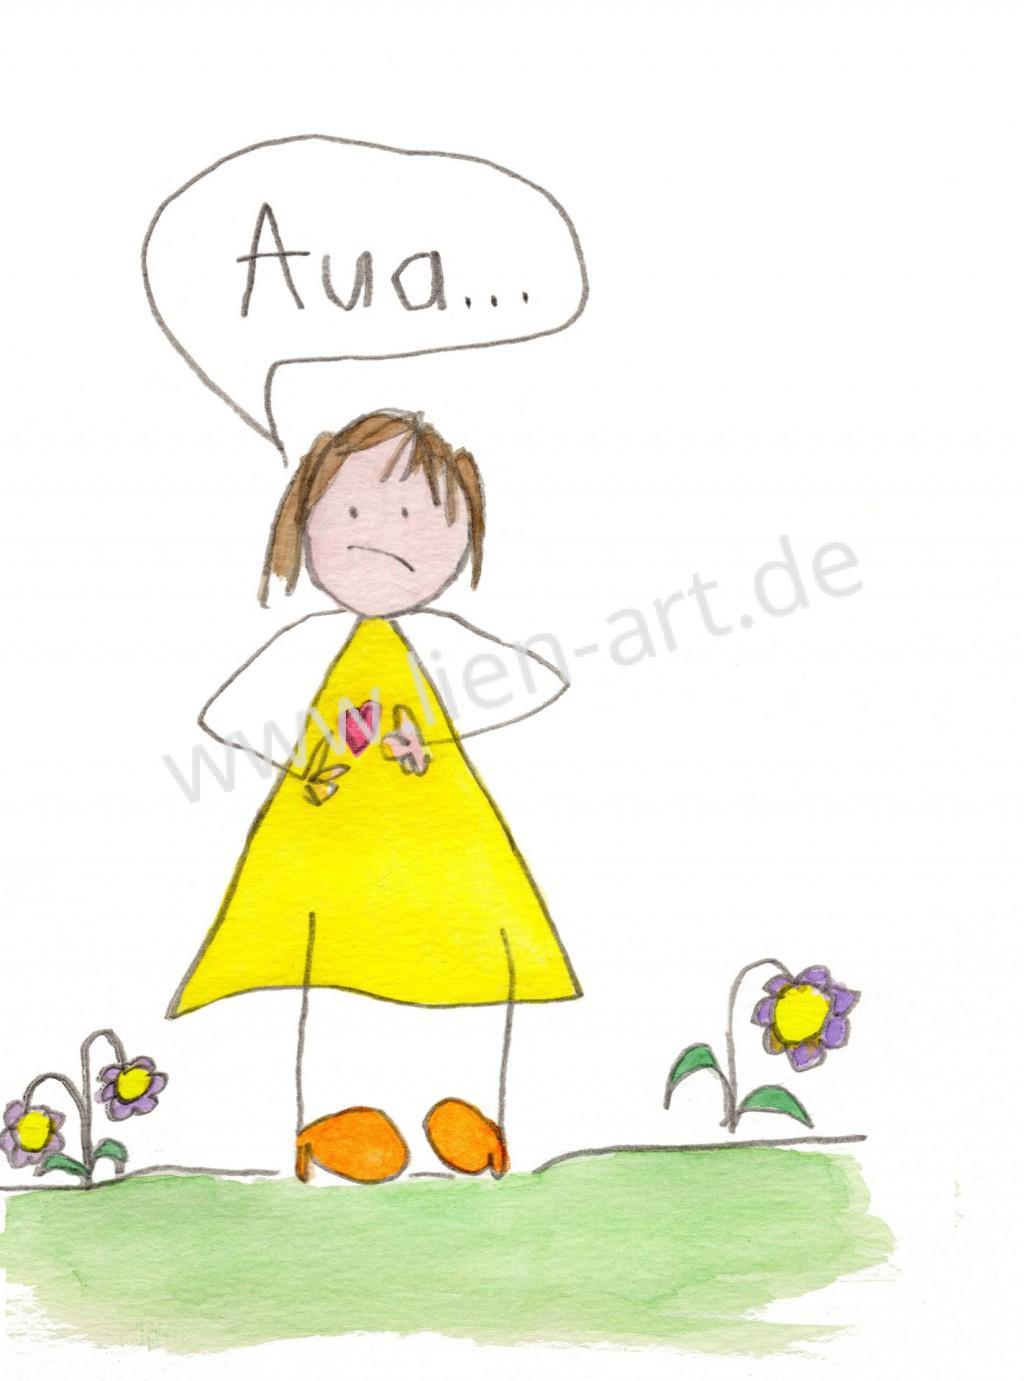 G_Aua